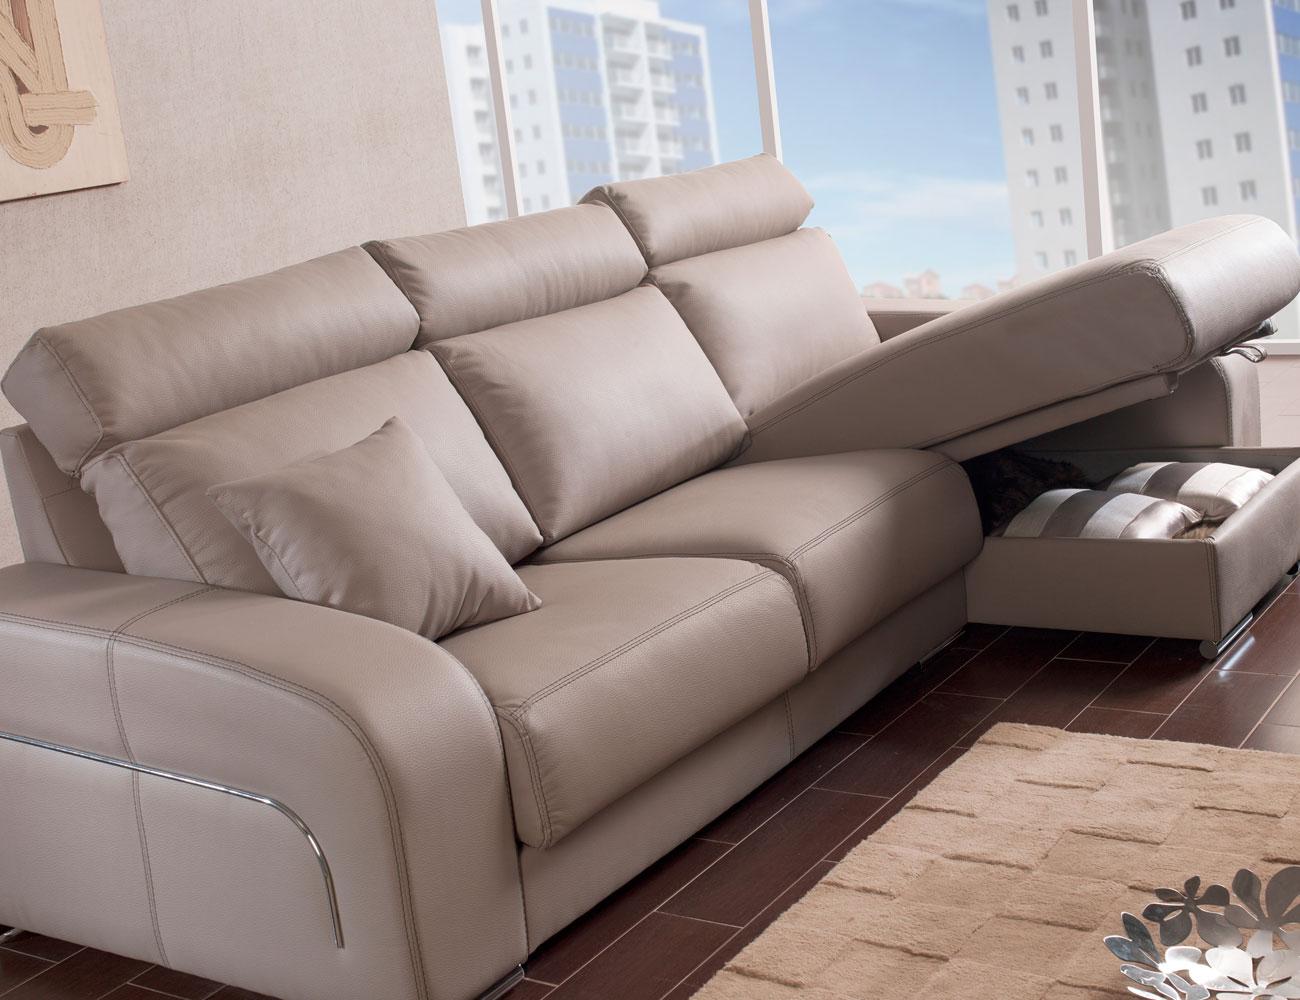 Sofa chaiselongue moderno pared cero arcon67